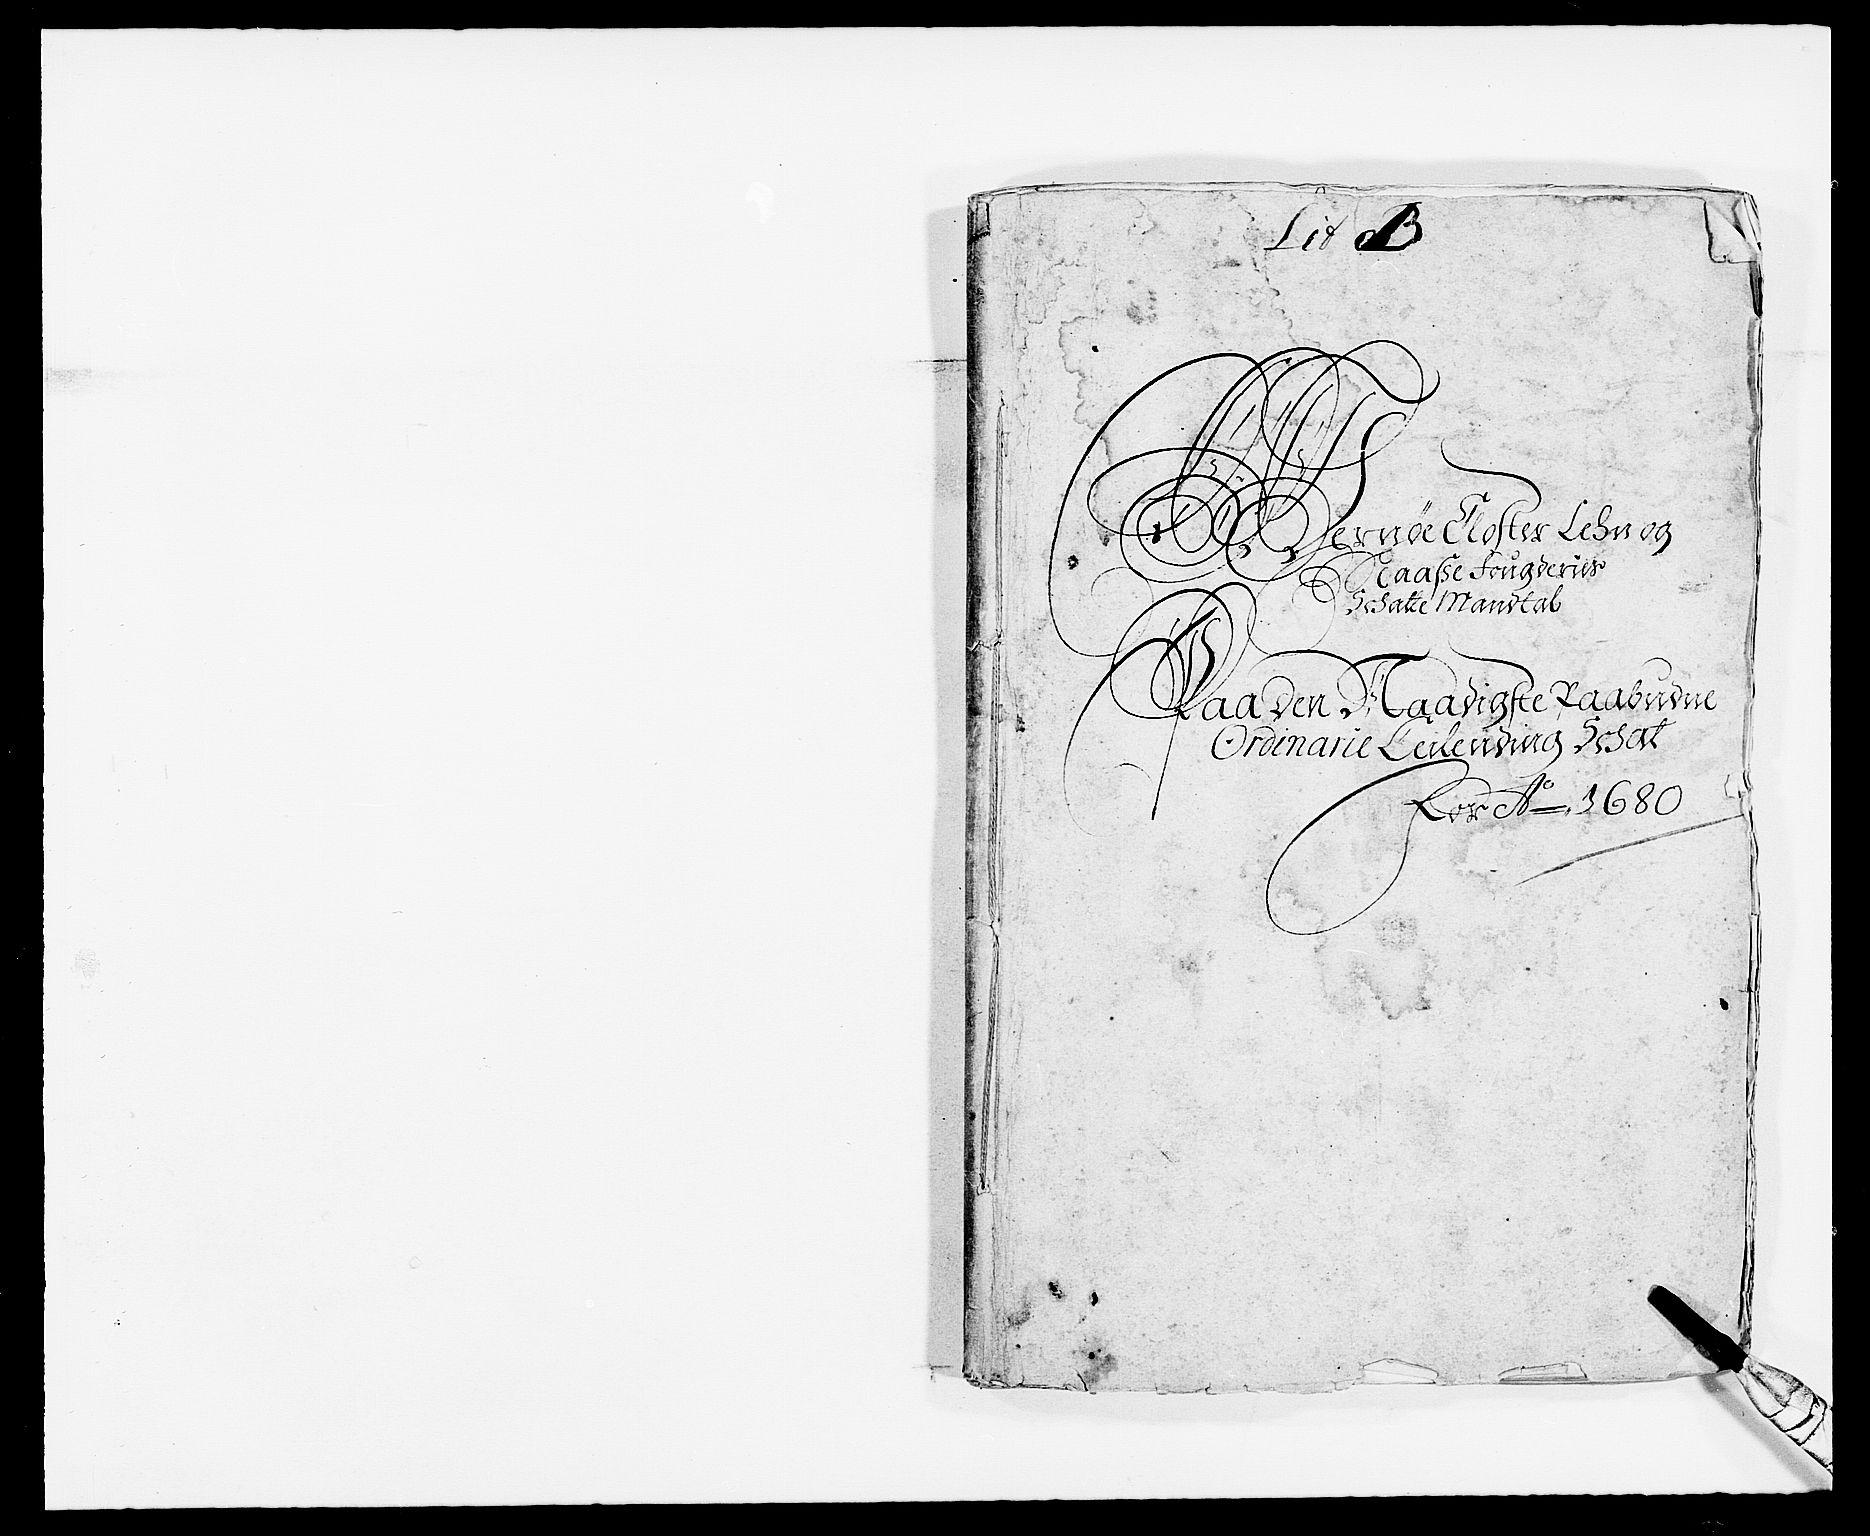 RA, Rentekammeret inntil 1814, Reviderte regnskaper, Fogderegnskap, R02/L0101: Fogderegnskap Moss og Verne kloster, 1680, s. 9